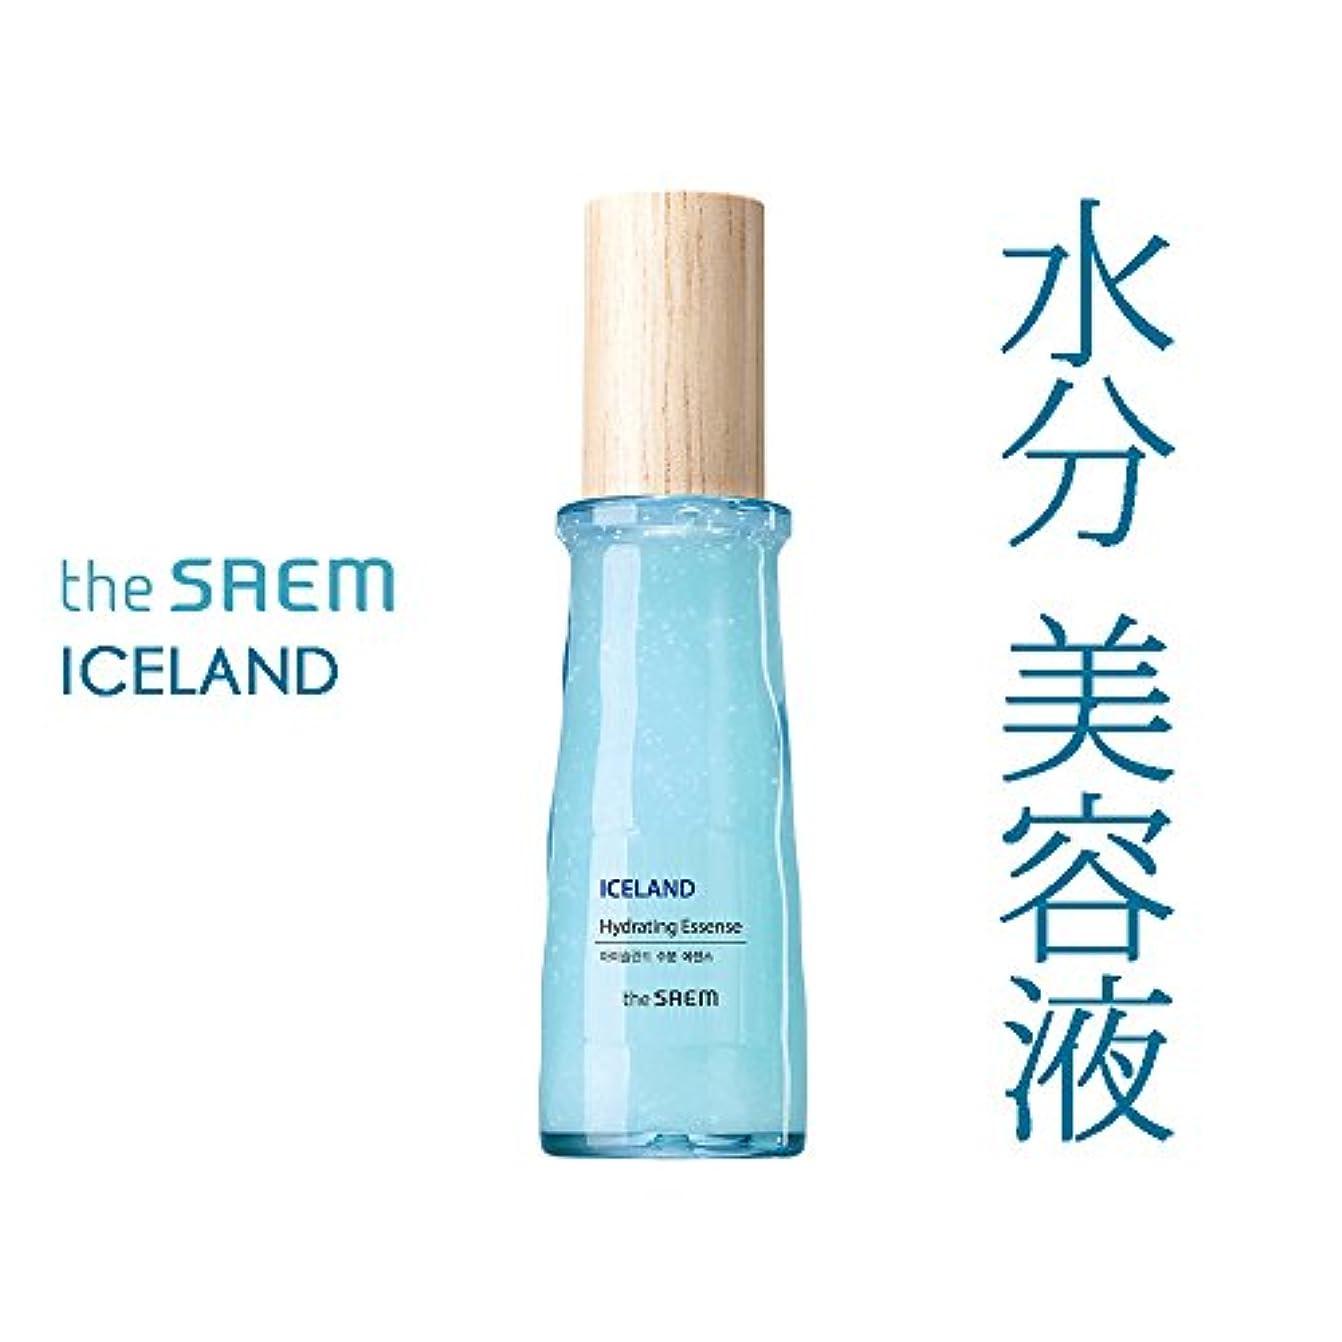 感謝祭カールリクルートザ セム The saem アイスランド 水分 美容液 エッセンス The Saem Iceland Hydrating Essence 60ml